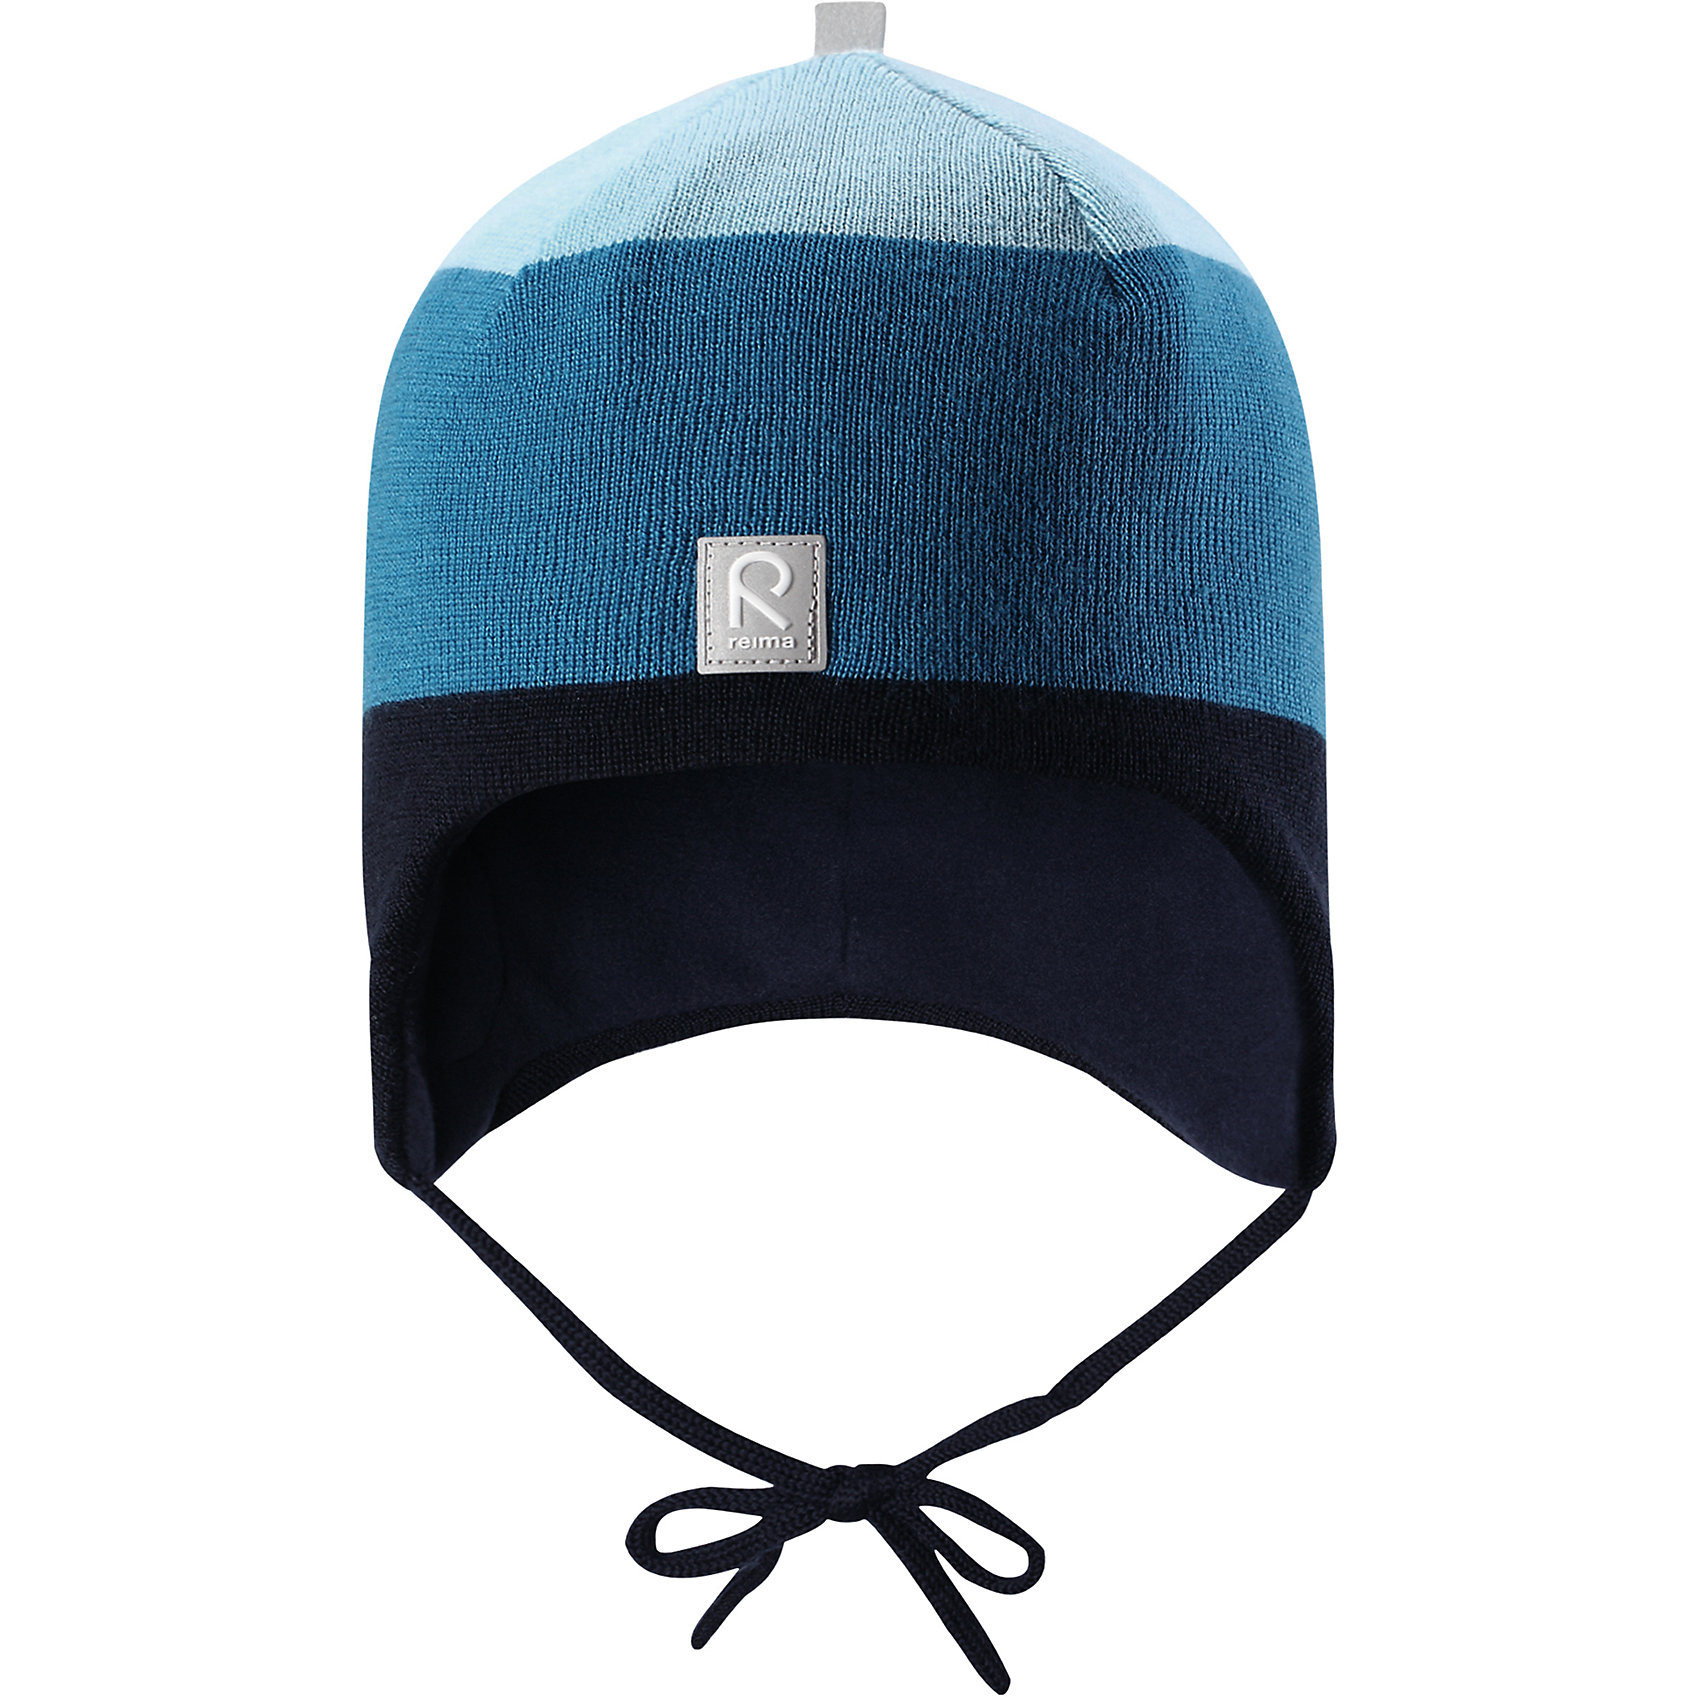 Шапка Reima AuvaШапочки<br>Характеристики товара:<br><br>• цвет: синий/голубой;<br>• состав: 100% шерсть;<br>• подкладка: 100% полиэстер, флис;<br>• температурный режим: от 0 до -20С;<br>• сезон: зима; <br>• особенности модели: вязаная, на подкладке, на завязках;<br>• мягкая ткань из мериносовой шерсти для поддержания идеальной температуры тела;<br>• сплошная подкладка: мягкий флис;<br>• ветронепроницаемые вставки в области ушей;<br>• светоотражающая эмблема;<br>• логотип Reima спереди;<br>• страна бренда: Финляндия;<br>• страна изготовитель: Китай.<br><br>Вязаная шапка на завязках для малышей из мериносовой шерсти подарит уют в морозную погоду: мягкая подкладка из флиса обеспечит ребенку тепло и комфорт. Шерстяная шапка с флисовой подкладкой идеально подходит для маленьких любителей приключений на свежем воздухе, ведь флис быстро сохнет и выводит влагу. <br><br>За счет эластичной вязки шапка отлично сидит, а ветронепроницаемые вставки в области ушей защищают ушки от холодного ветра. Благодаря завязкам эта стильная шапка не съезжает и хорошо защищает голову. Создайте стильный теплый образ: сочетайте шапку с горловиной Star.<br><br>Шапка Auva Reima от финского бренда Reima (Рейма) можно купить в нашем интернет-магазине.<br><br>Ширина мм: 89<br>Глубина мм: 117<br>Высота мм: 44<br>Вес г: 155<br>Цвет: синий<br>Возраст от месяцев: 60<br>Возраст до месяцев: 72<br>Пол: Унисекс<br>Возраст: Детский<br>Размер: 52,46,48,50<br>SKU: 6907056